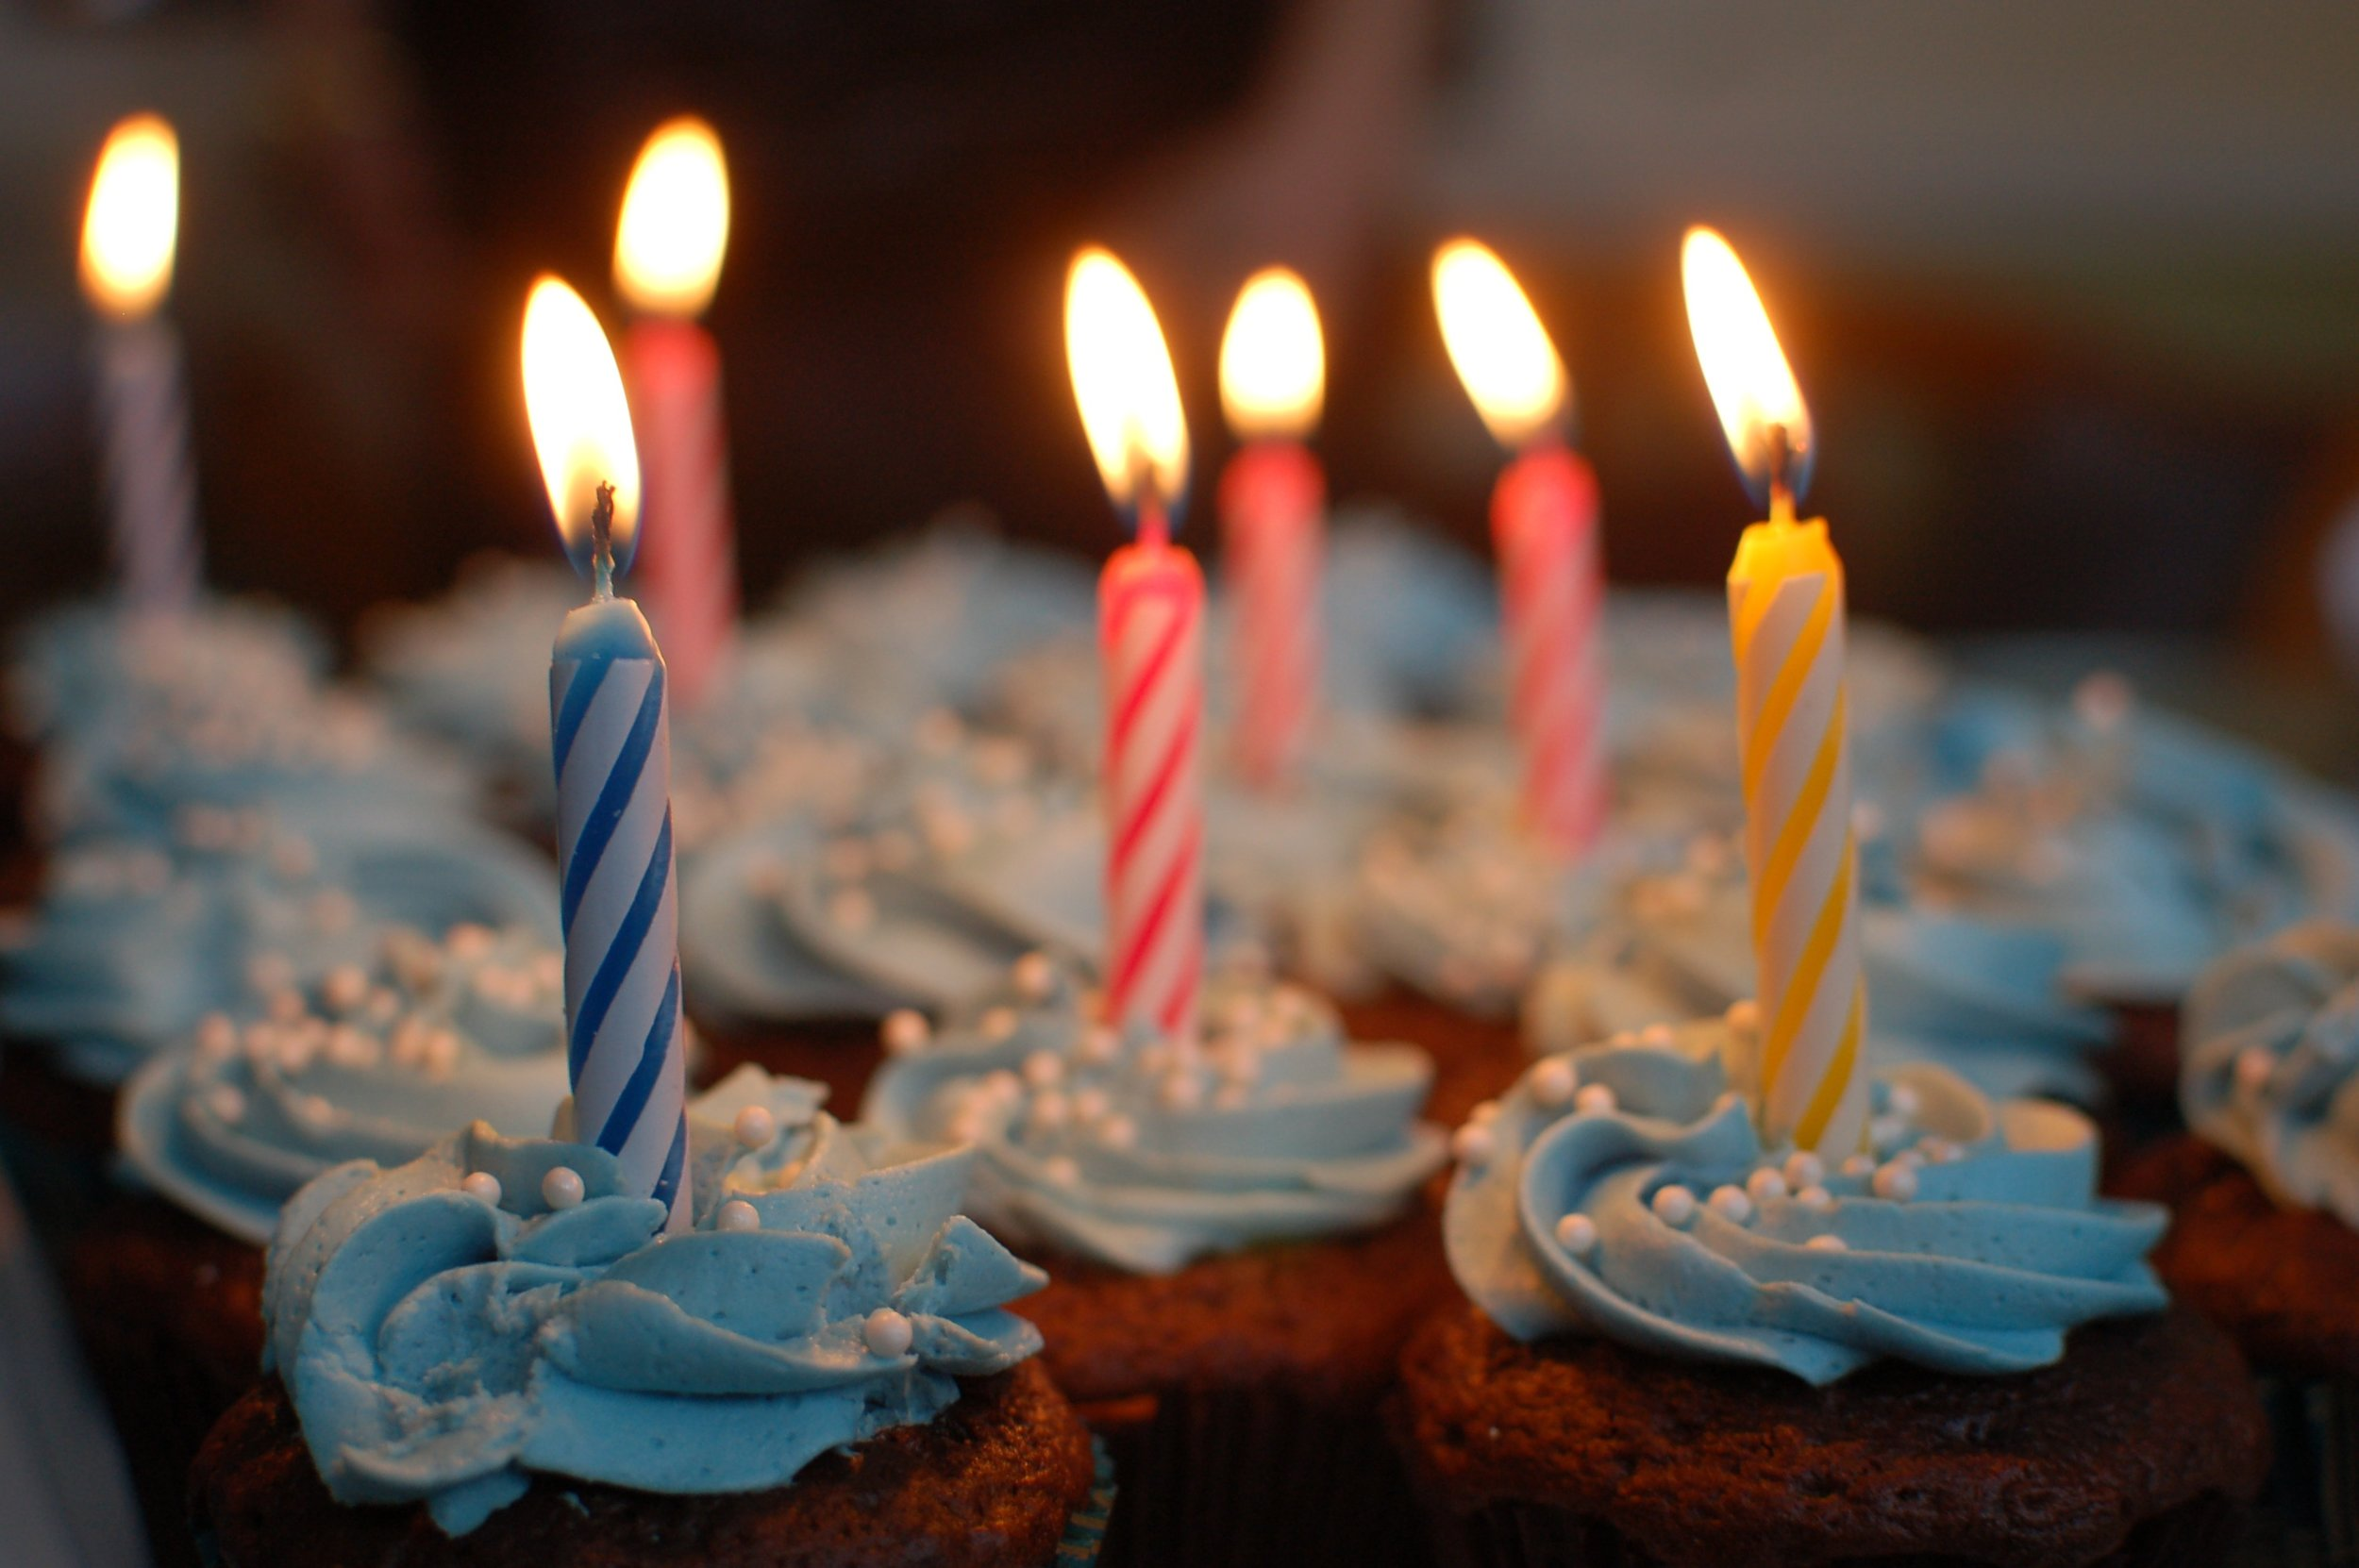 birthday-cake-cake-birthday-cupcakes-40183.jpeg